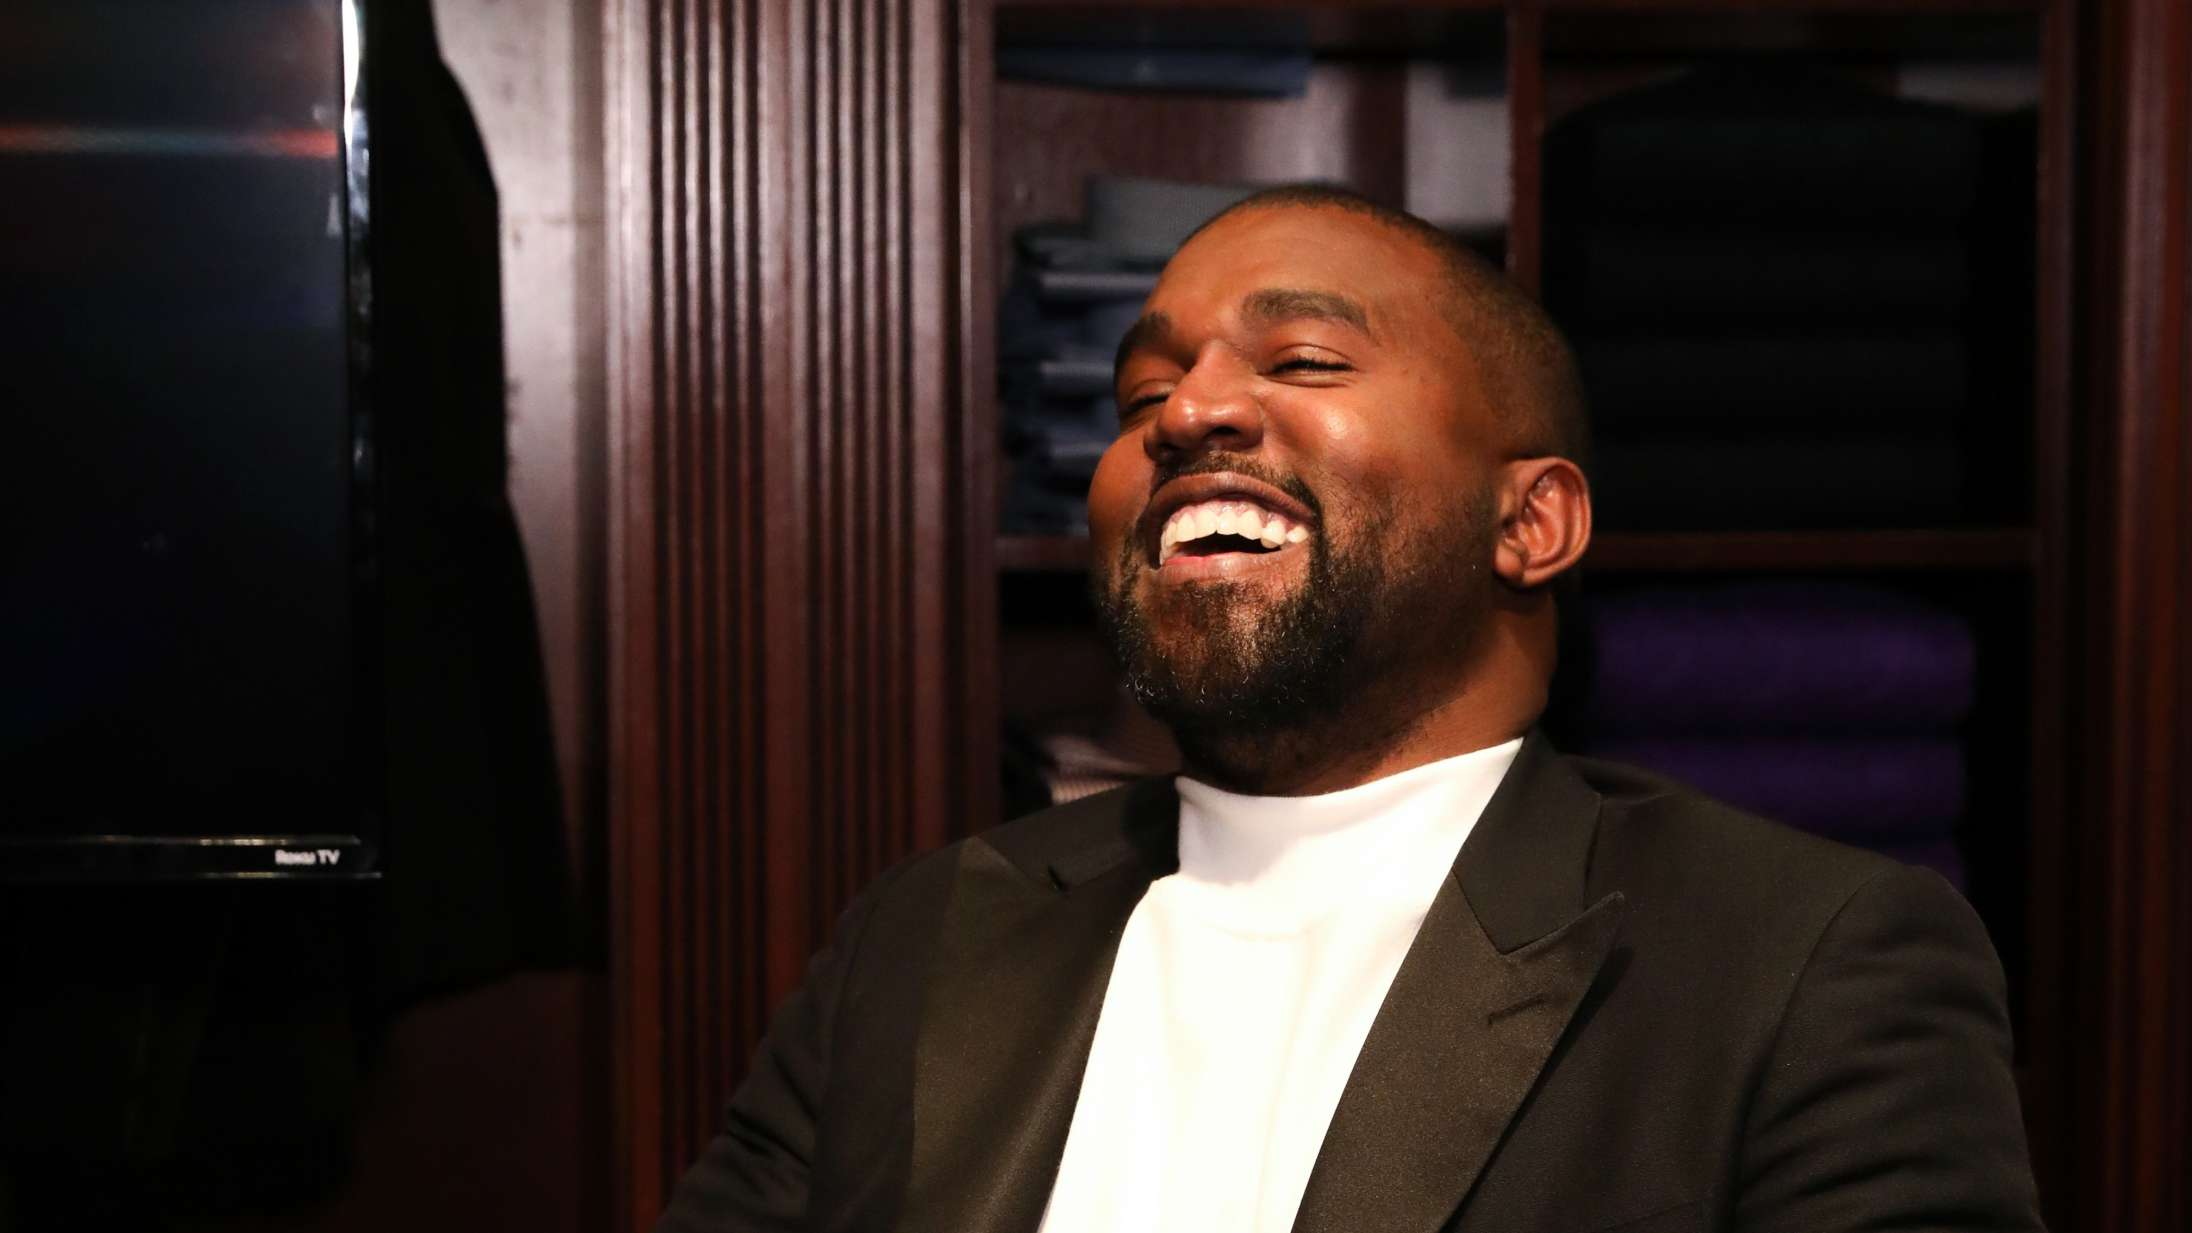 Kanye West afslører den rablende skøre plan for sin præsidentkampagne i stort nyt interview